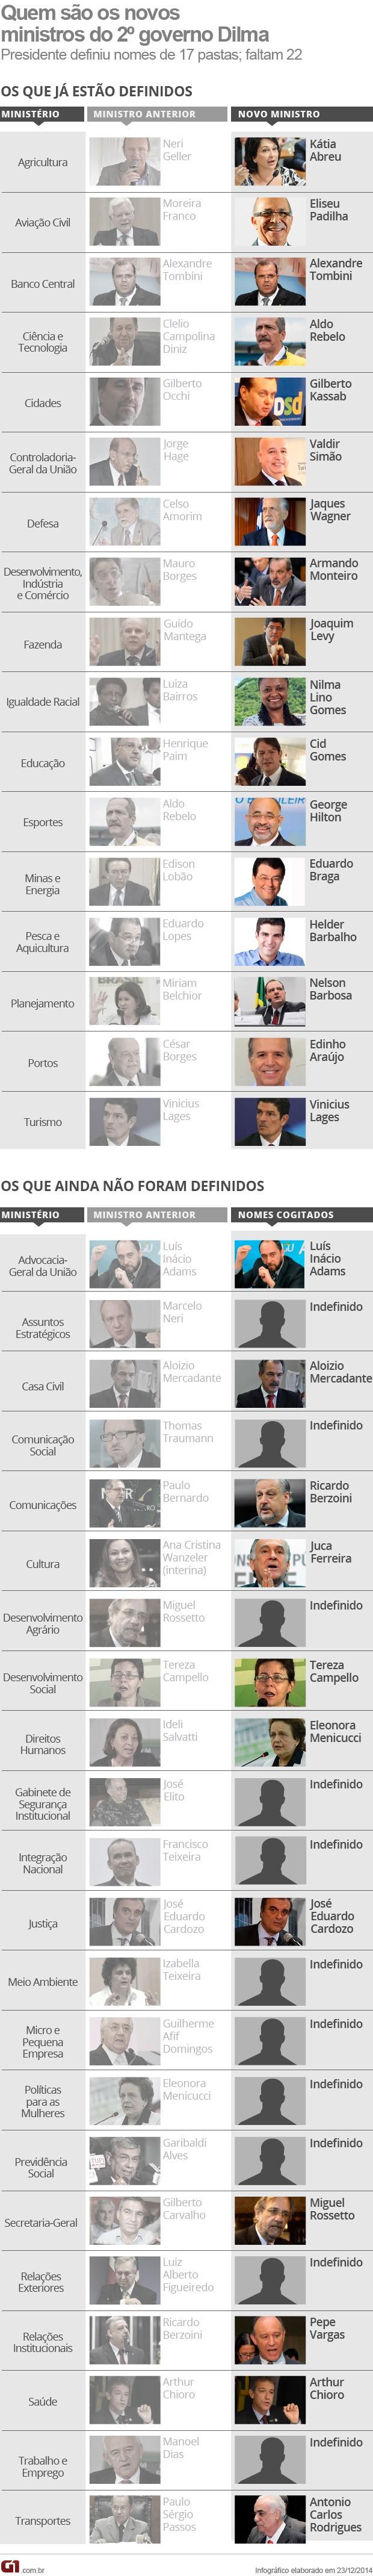 VALE ESTE 3 Novos ministros governo Dilma (Foto: Editoria de Arte G1)